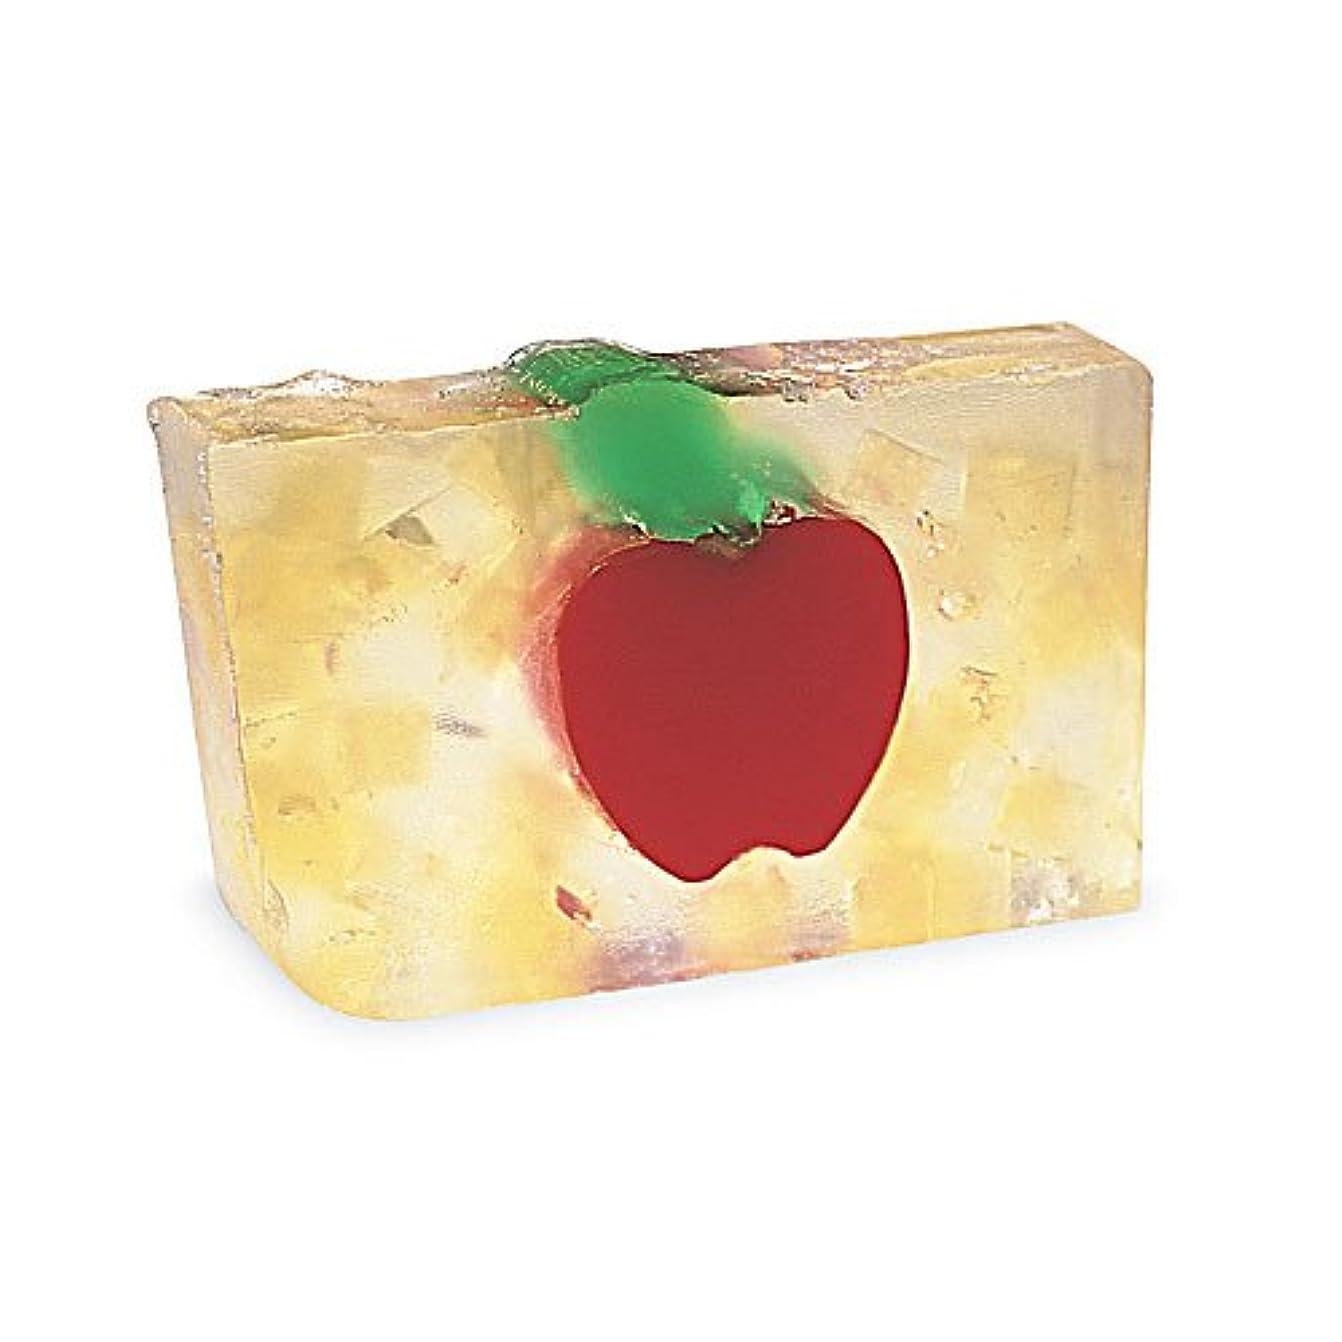 圧縮されたどこでもジャンルプライモールエレメンツ アロマティック ソープ ビッグアップル 180g 植物性 ナチュラル 石鹸 無添加